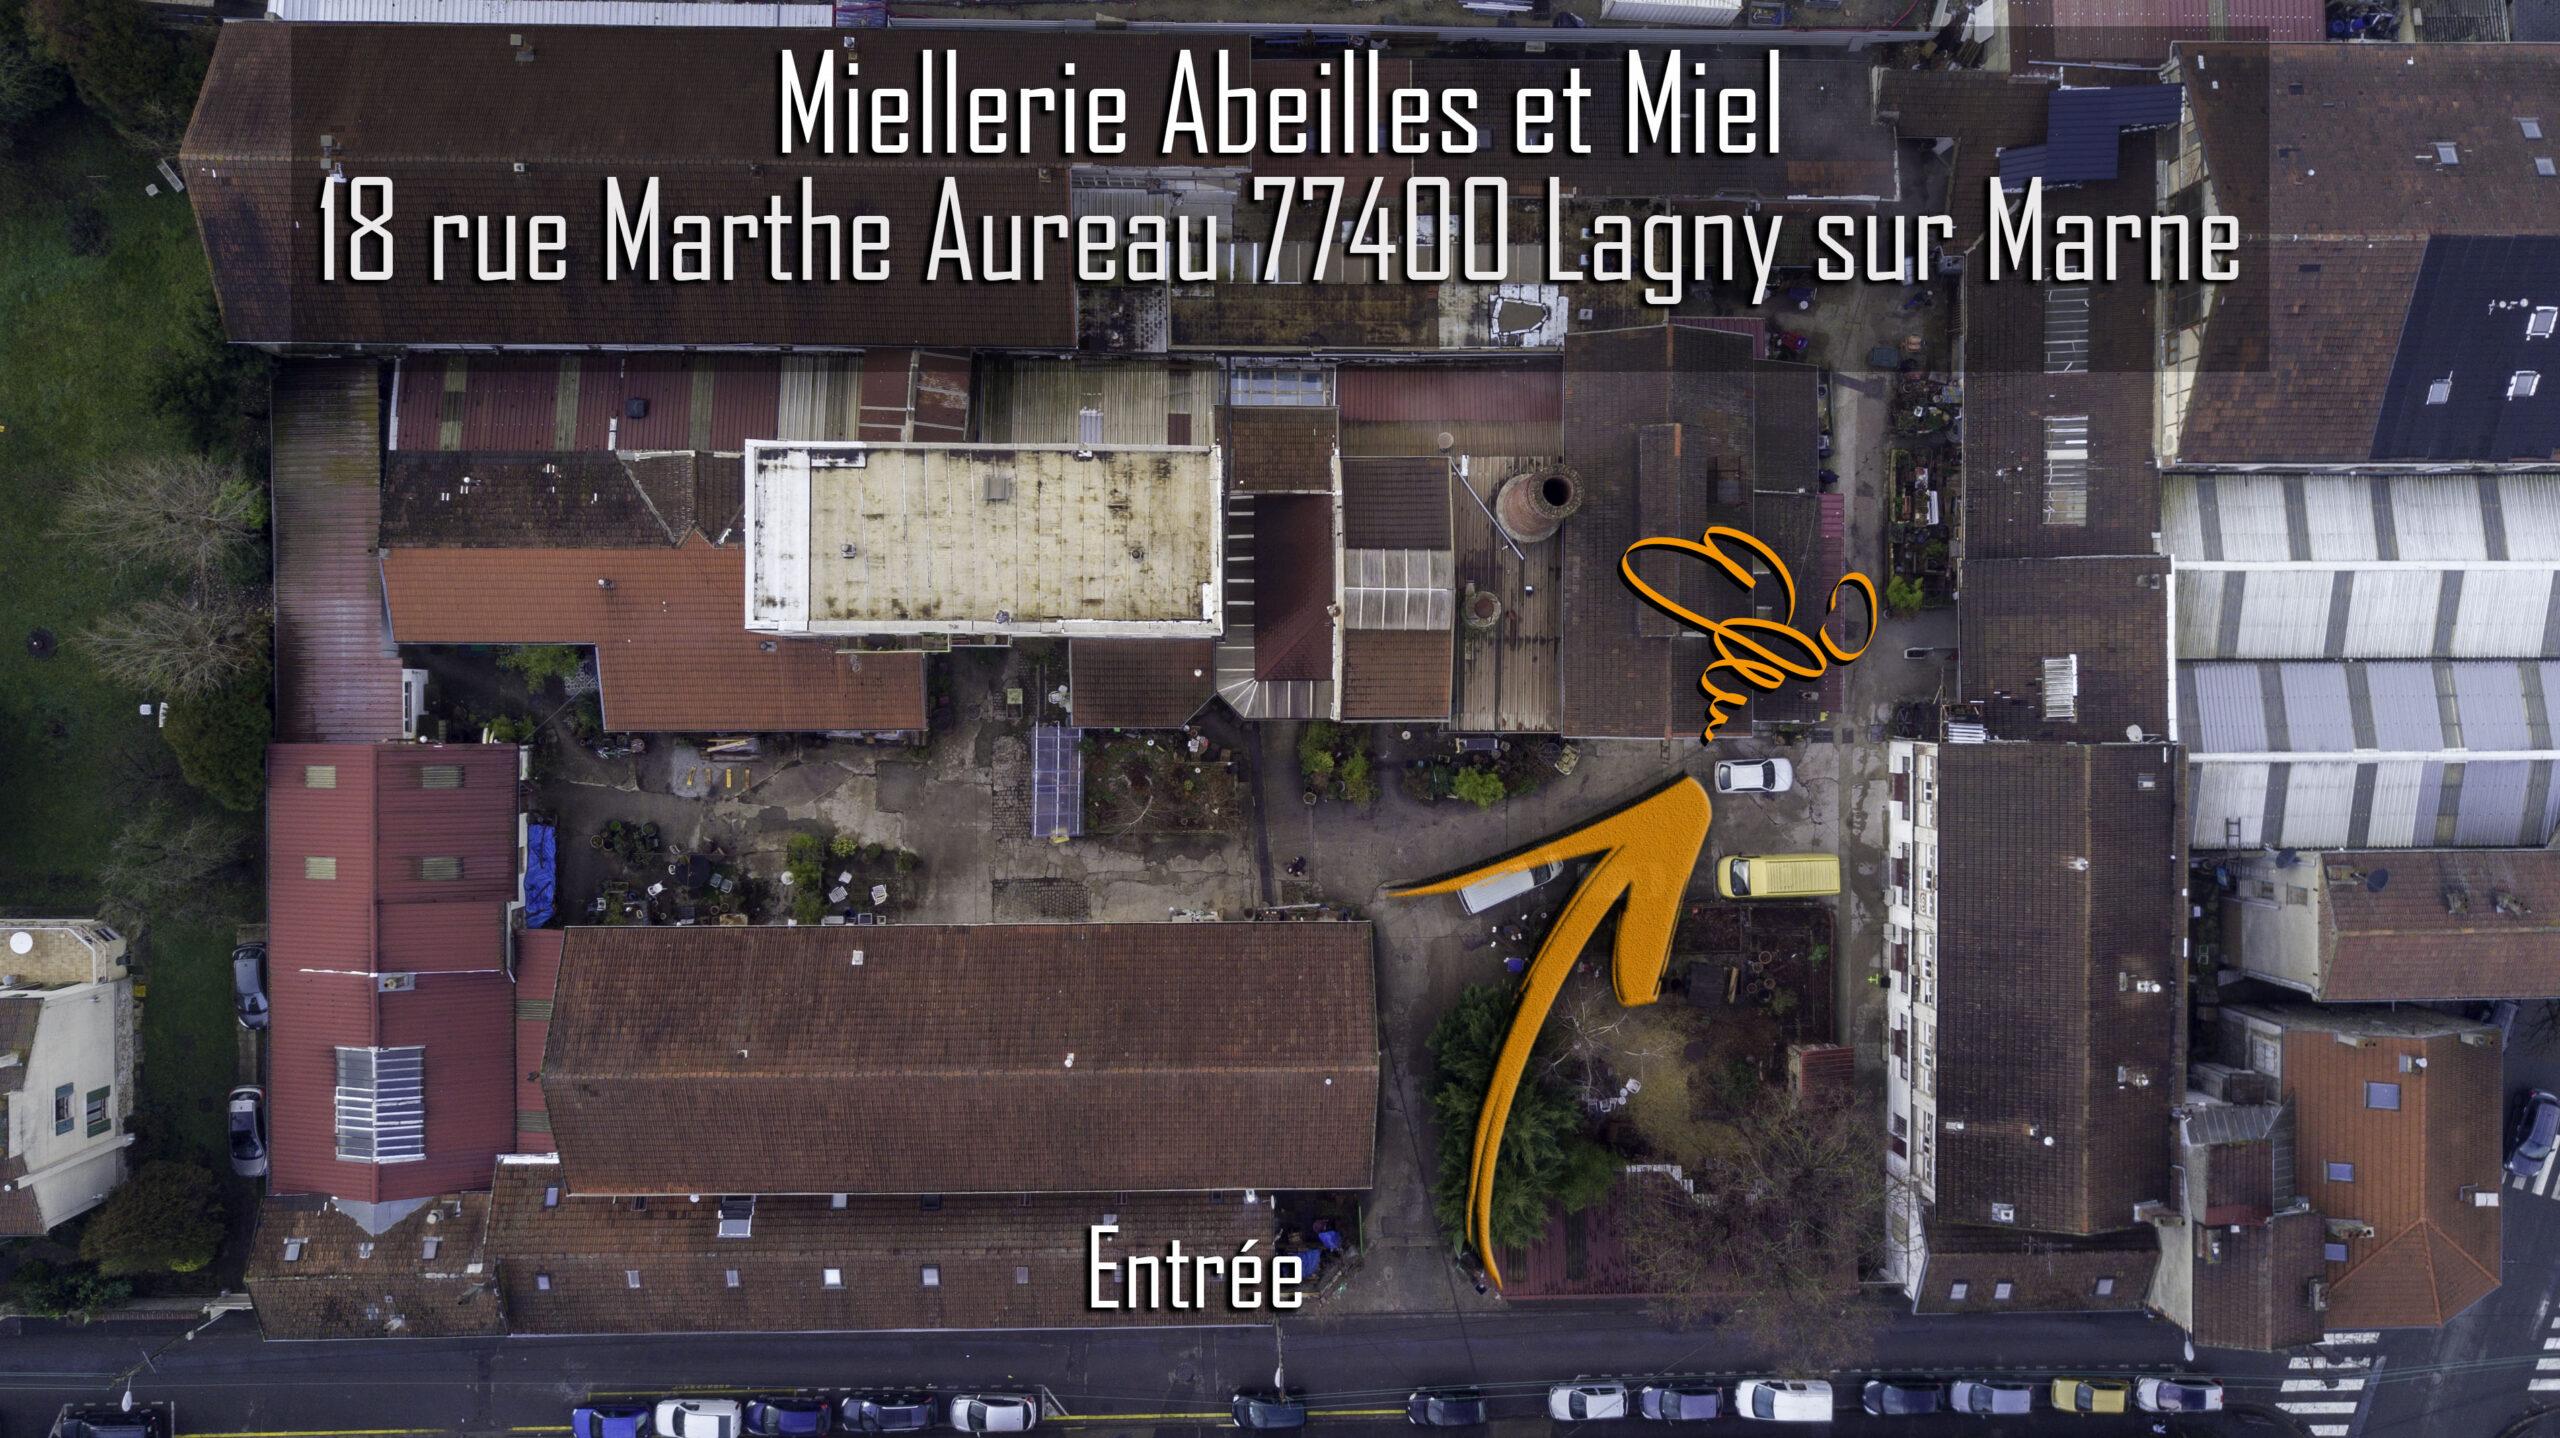 plan accès miellerie de Lagny sur Marne